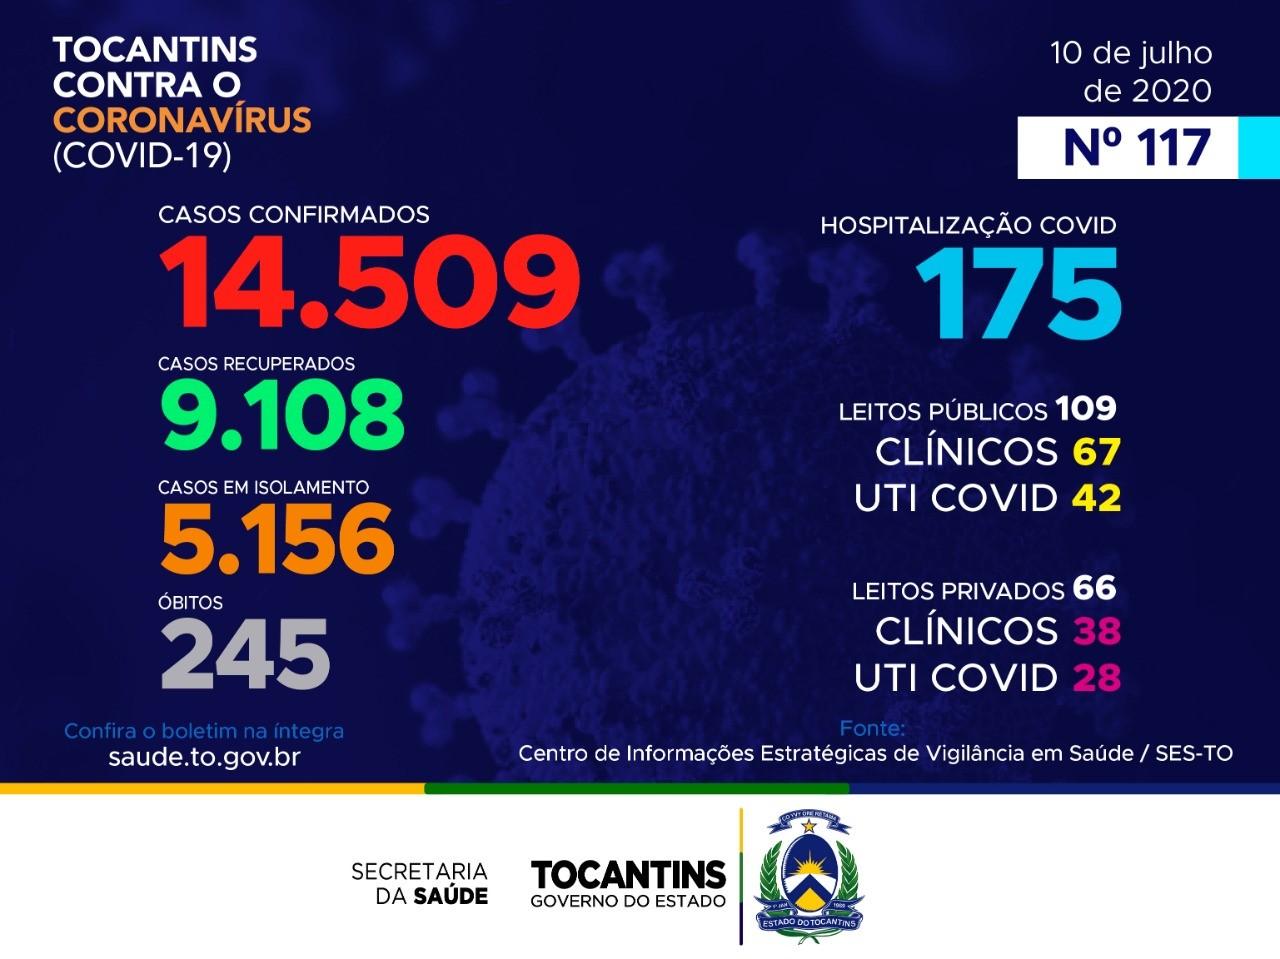 Tocantins contabiliza 666 casos do novo coronavírus nesta sexta-feira; veja boletim